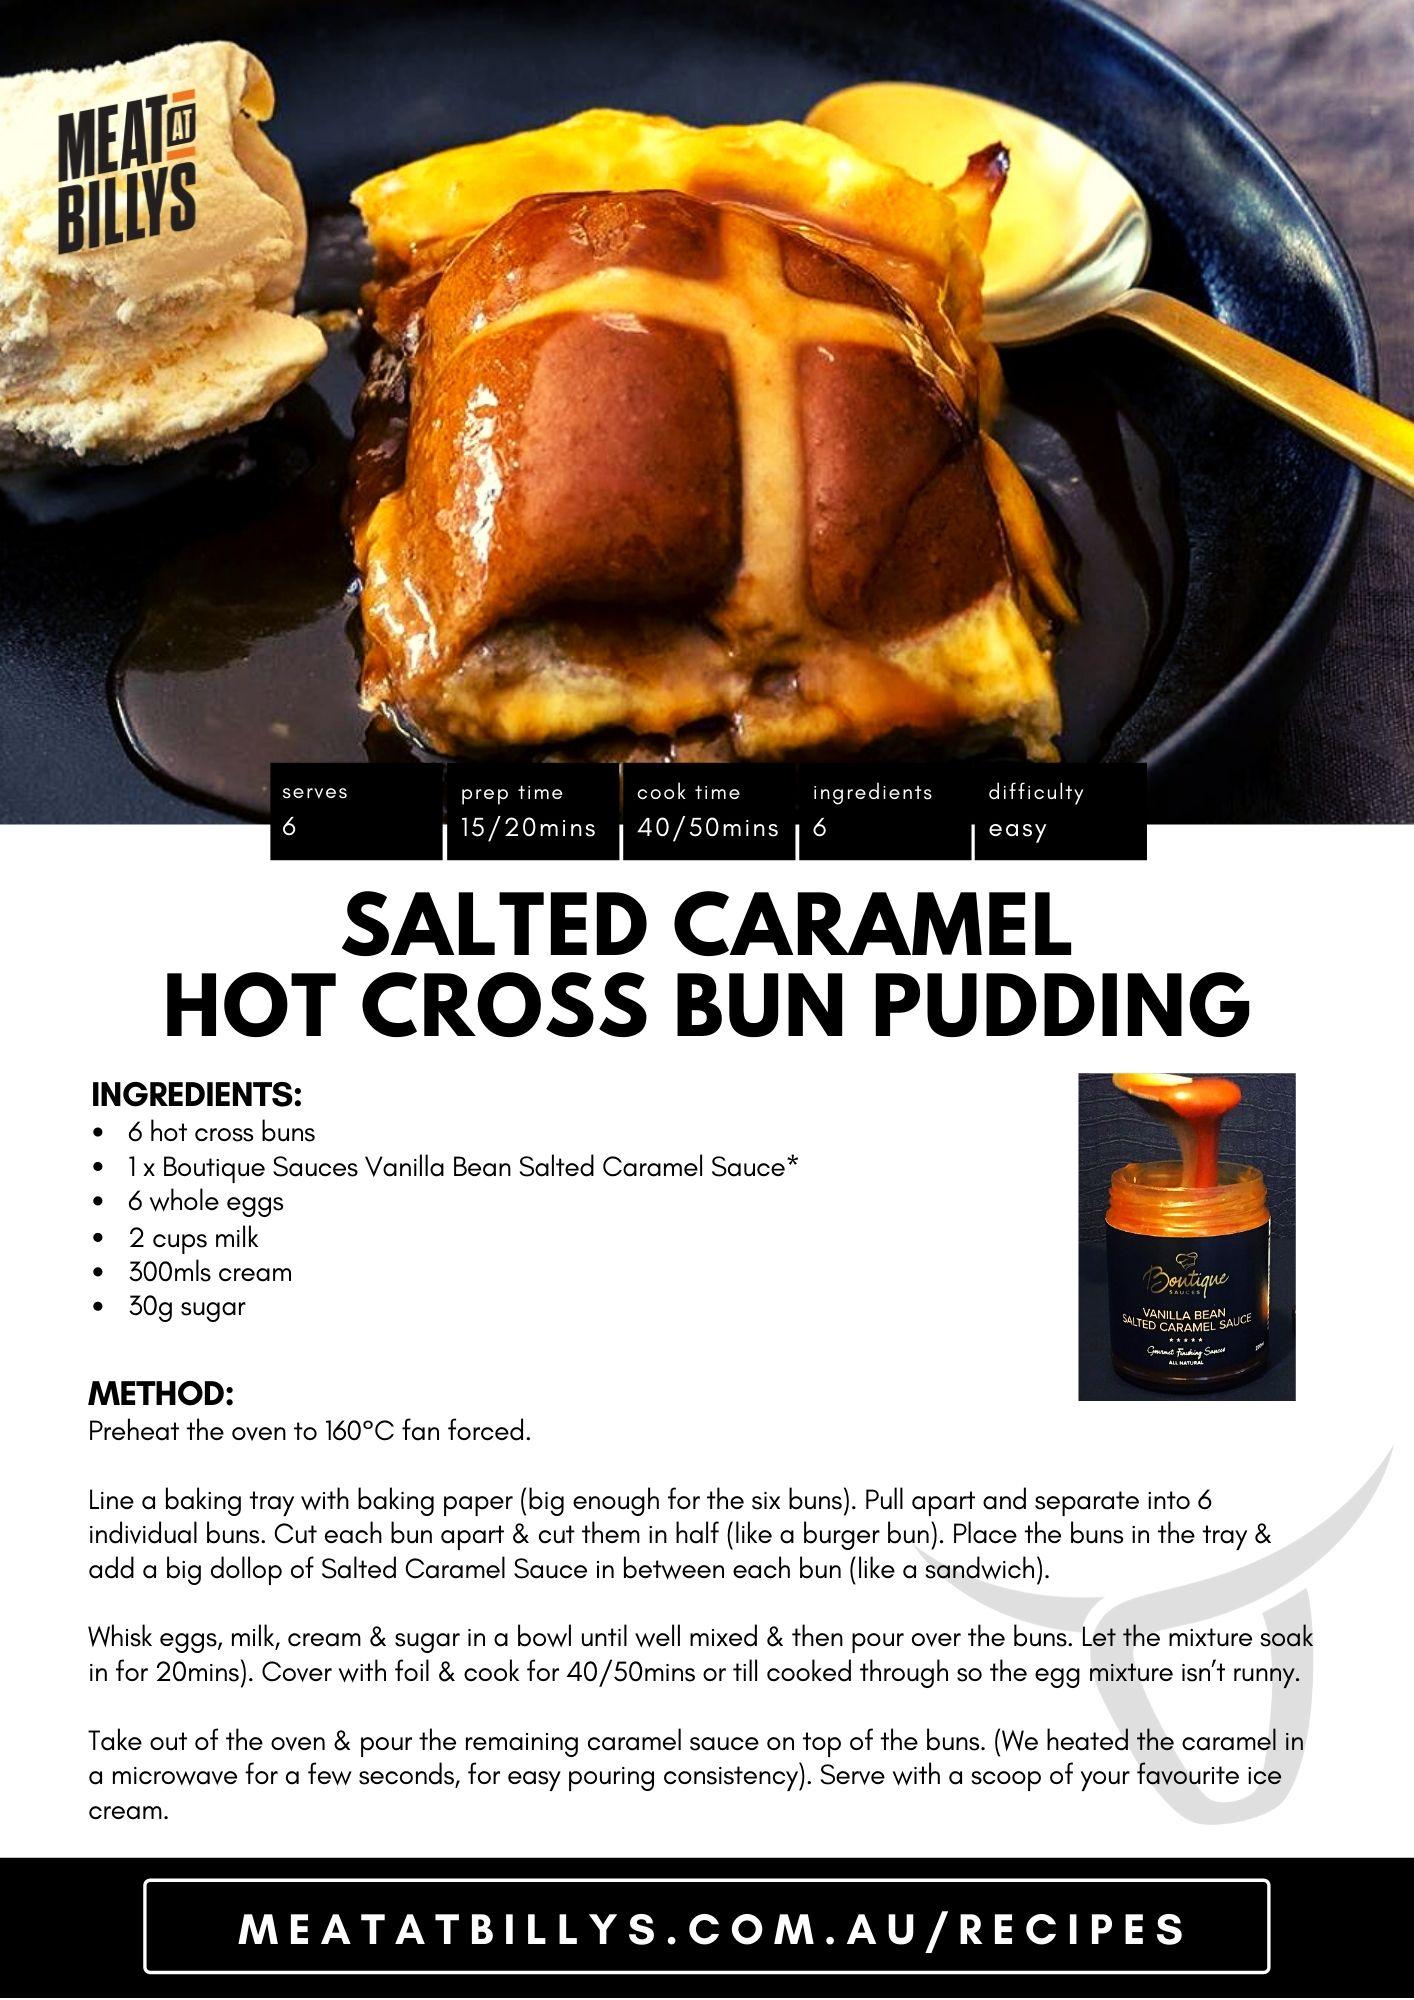 Salted Caramel Hot Cross Bun Pudding